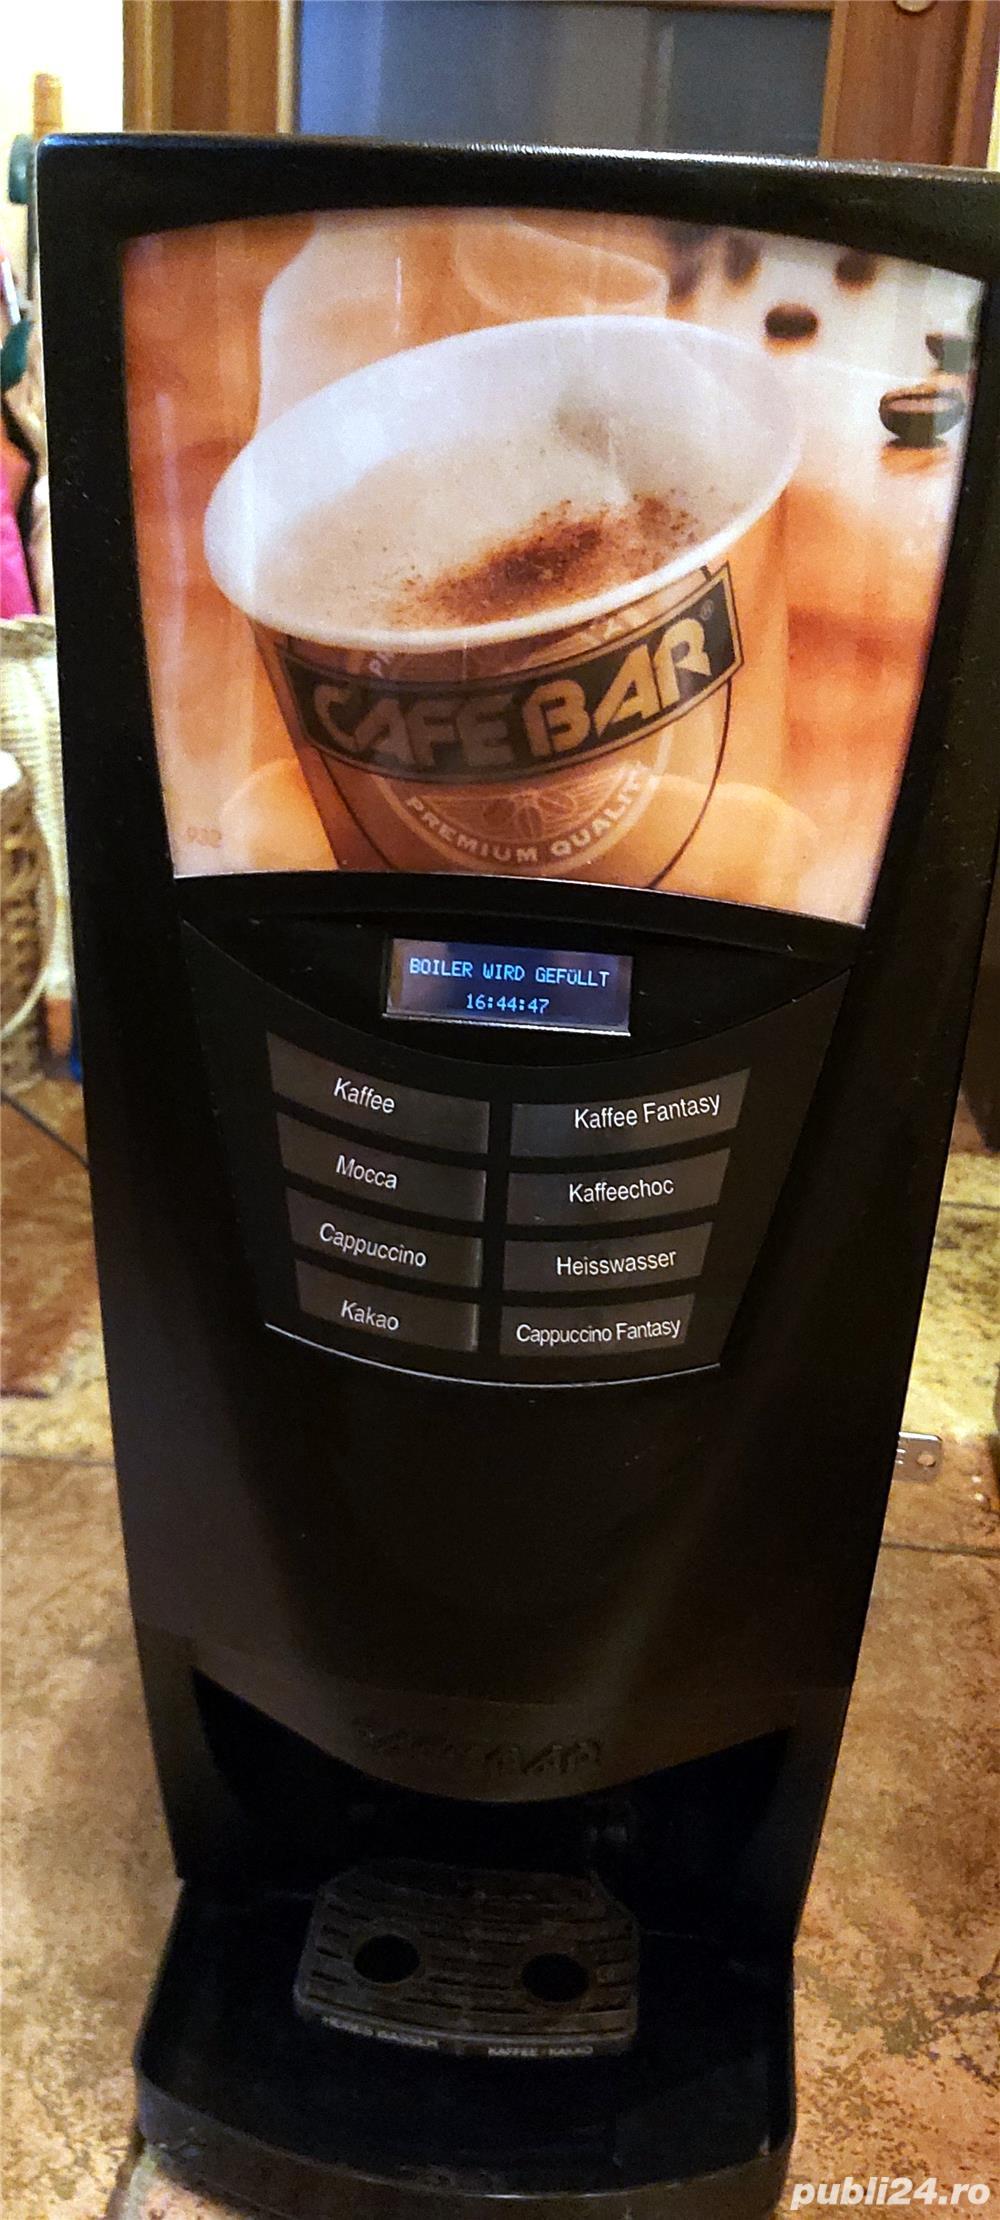 Aparat cafea pt bar/birouri/cabinete/saloane/acasa 750 lei neg